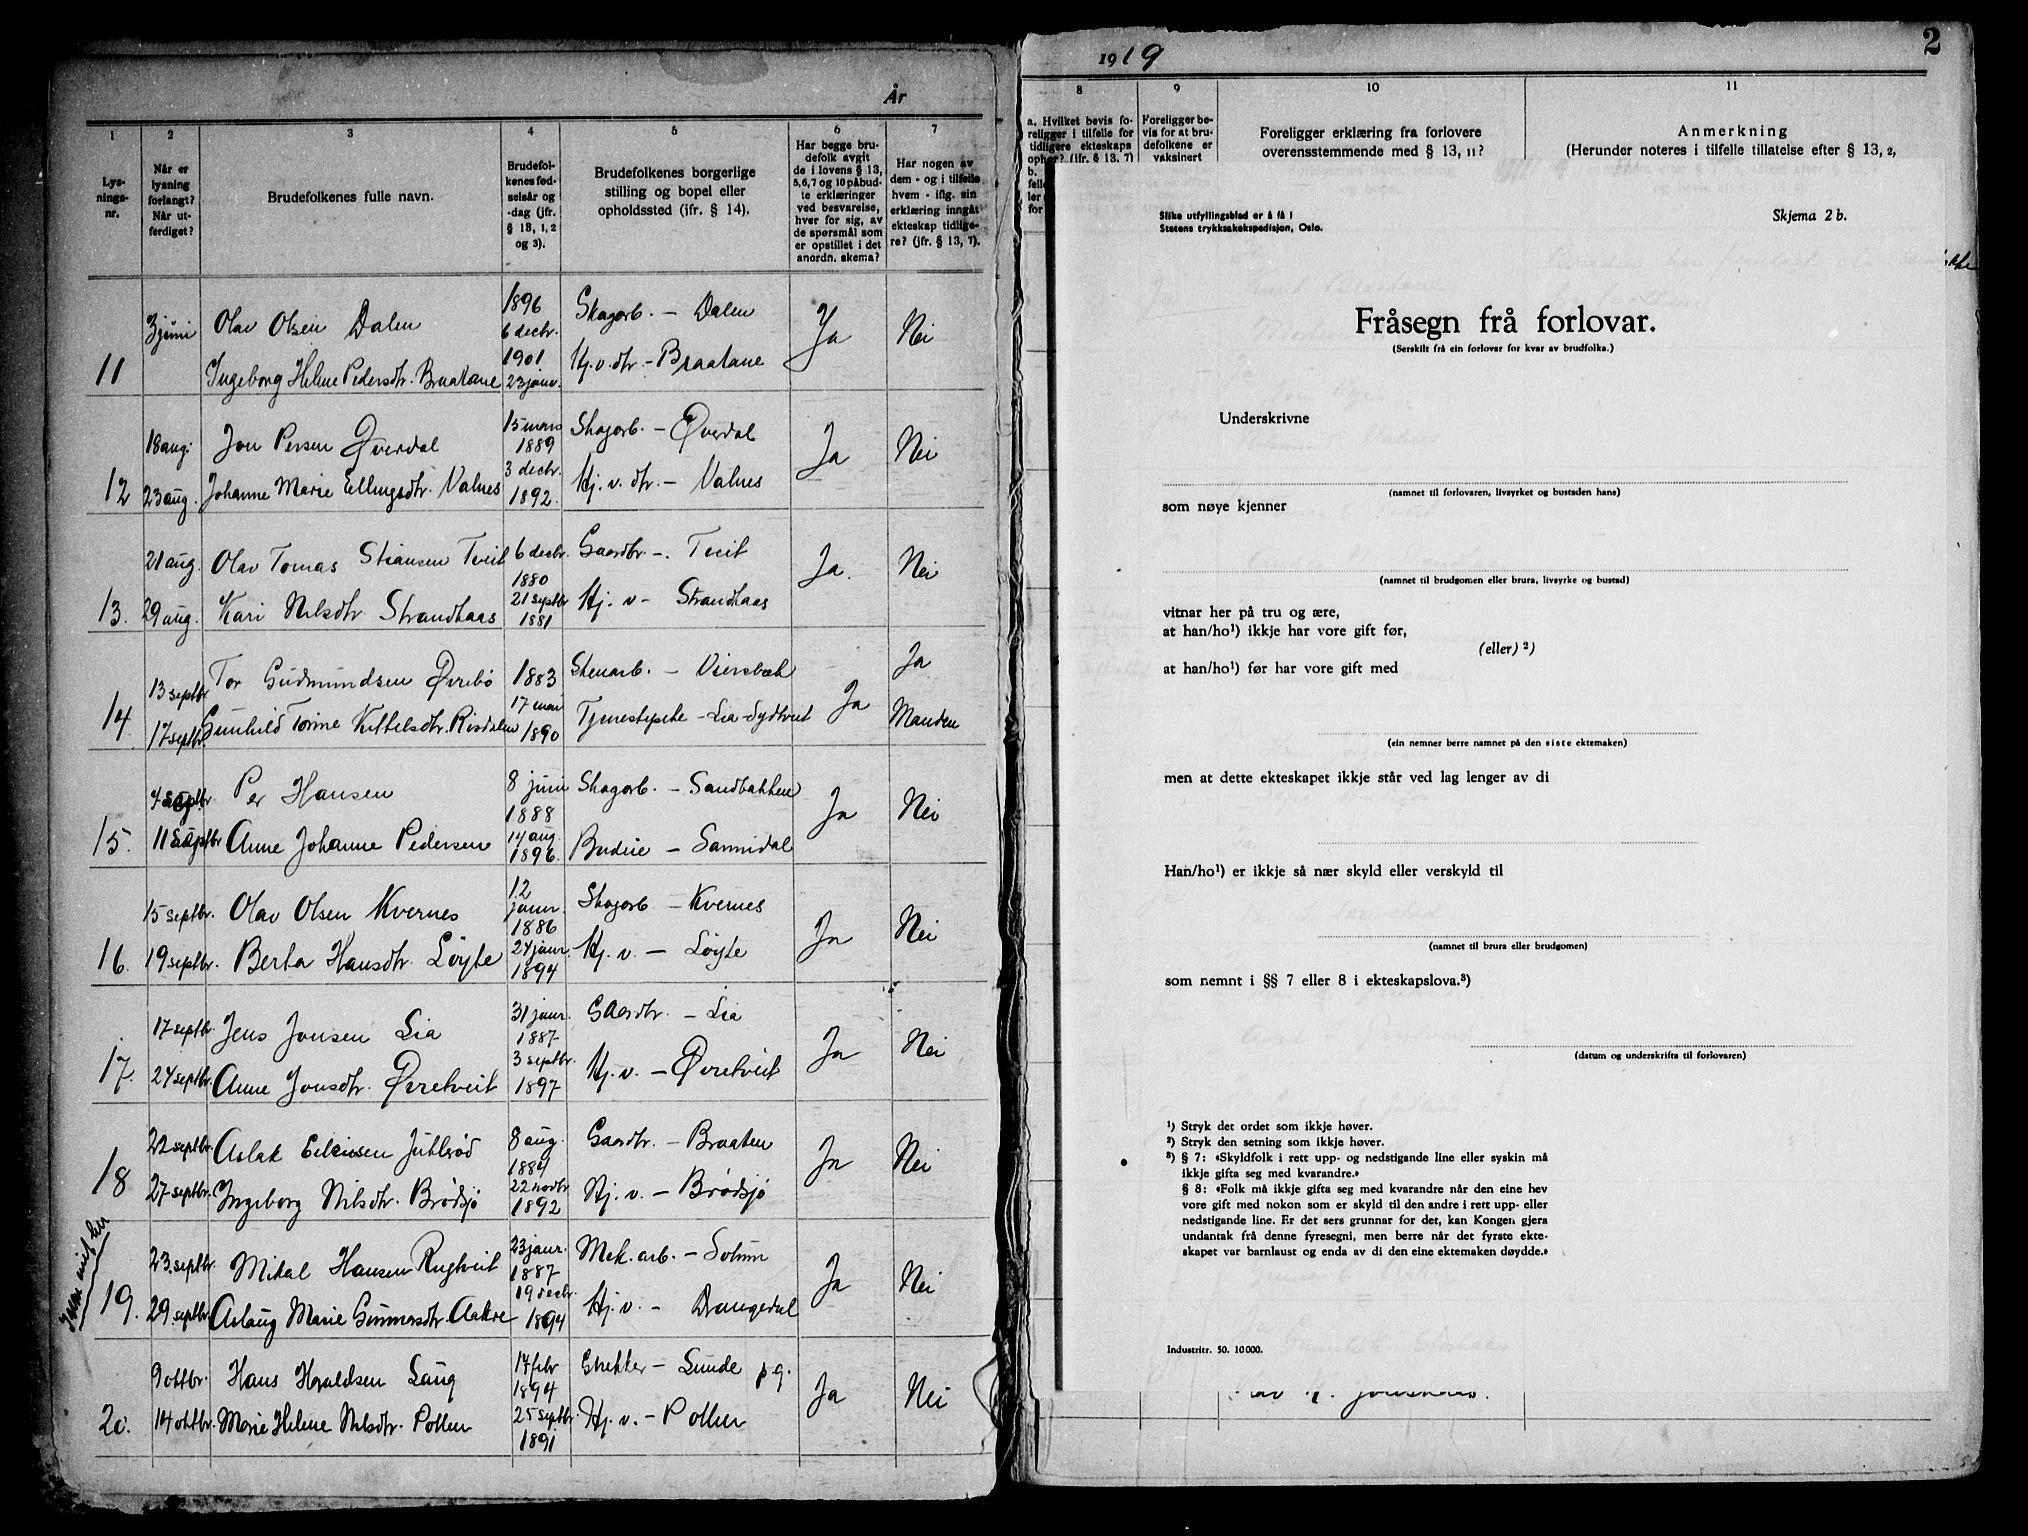 SAKO, Drangedal kirkebøker, H/Ha/L0001: Lysningsprotokoll nr. 1, 1919-1952, s. 2